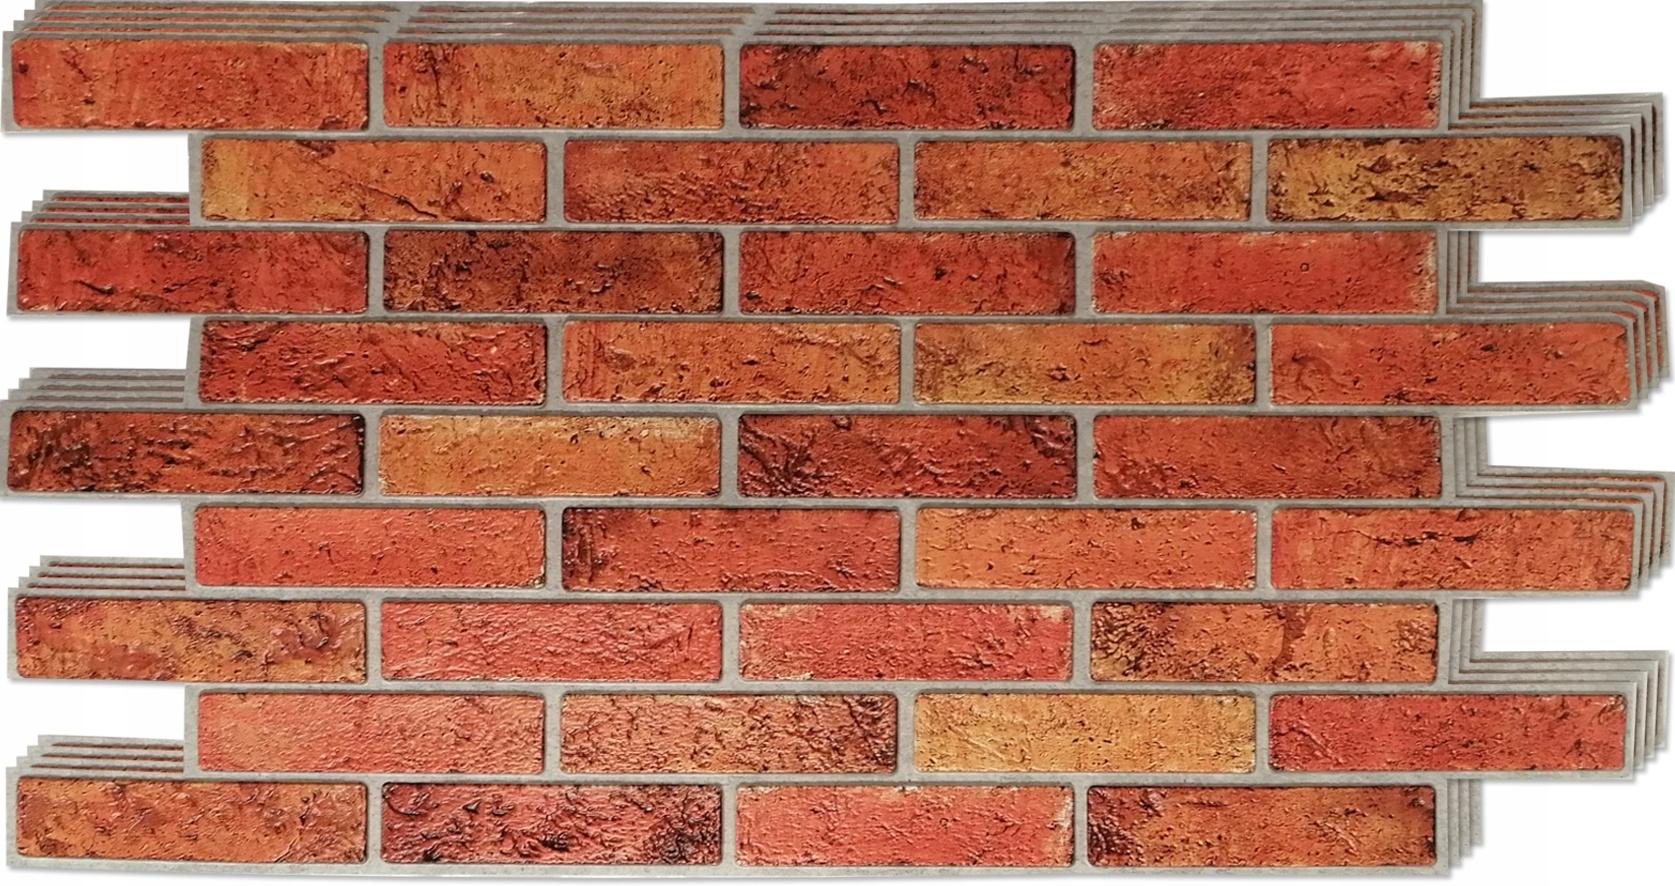 3D stenové panely PVC retro tehlová tehla 4 ks.